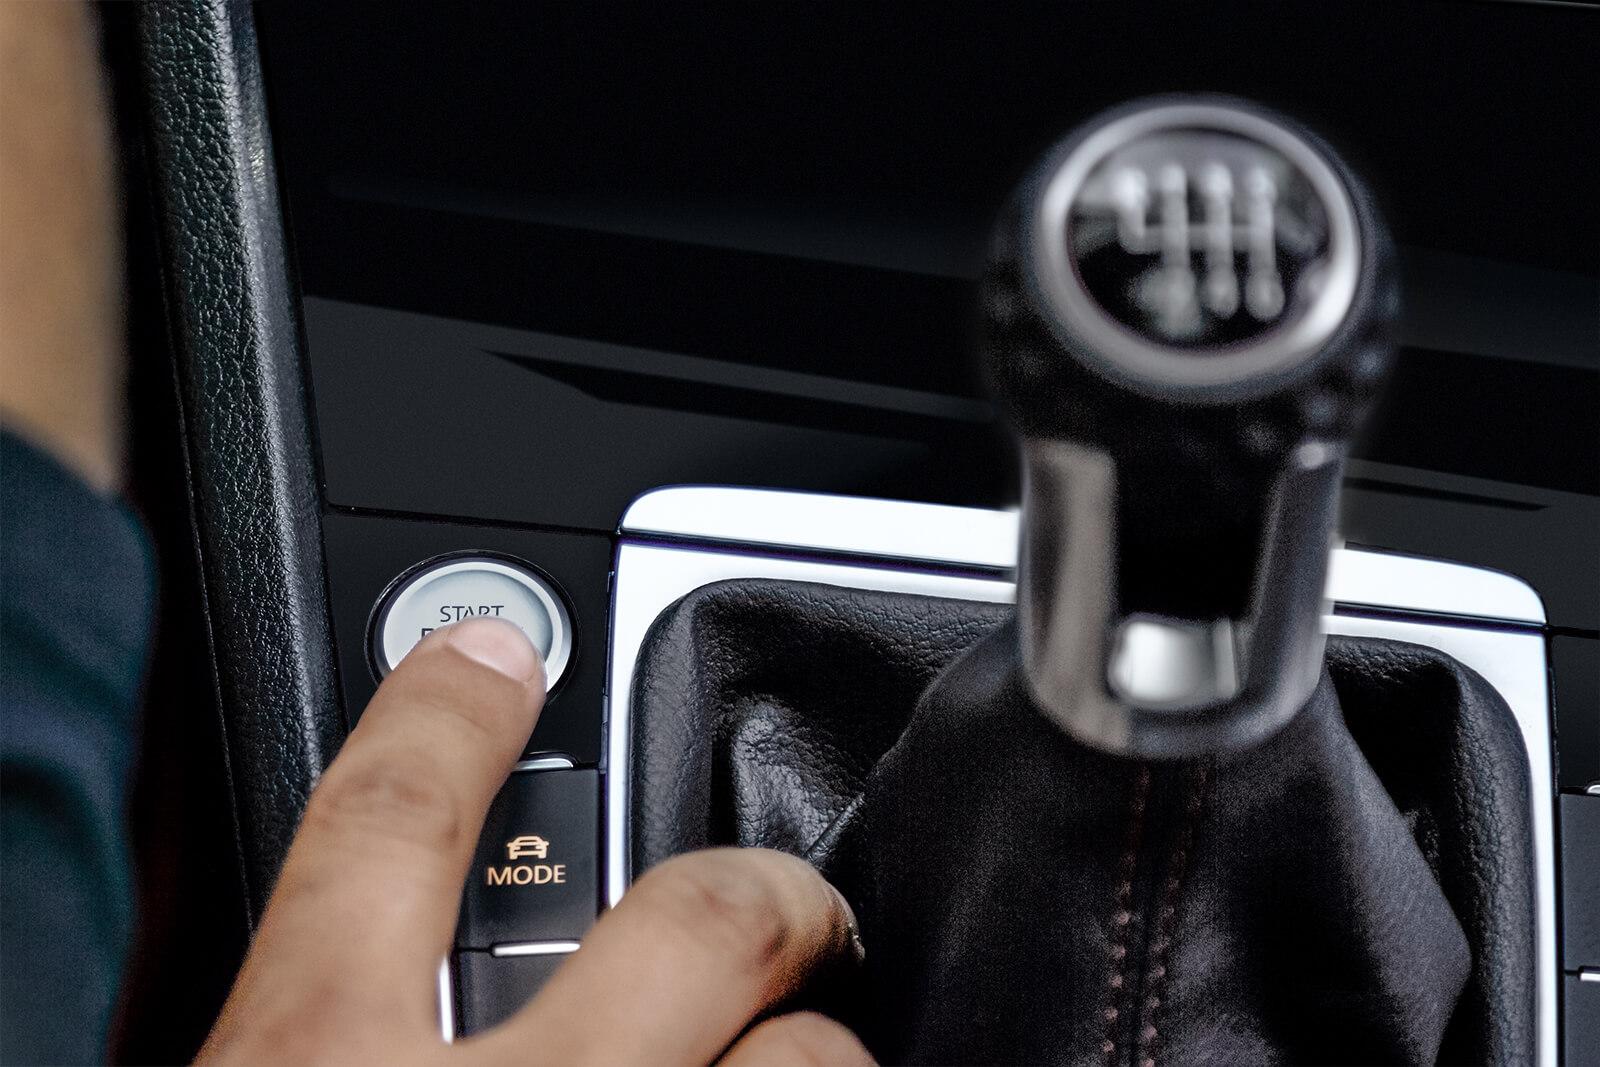 Enciende el carro con solo presionar un botón.